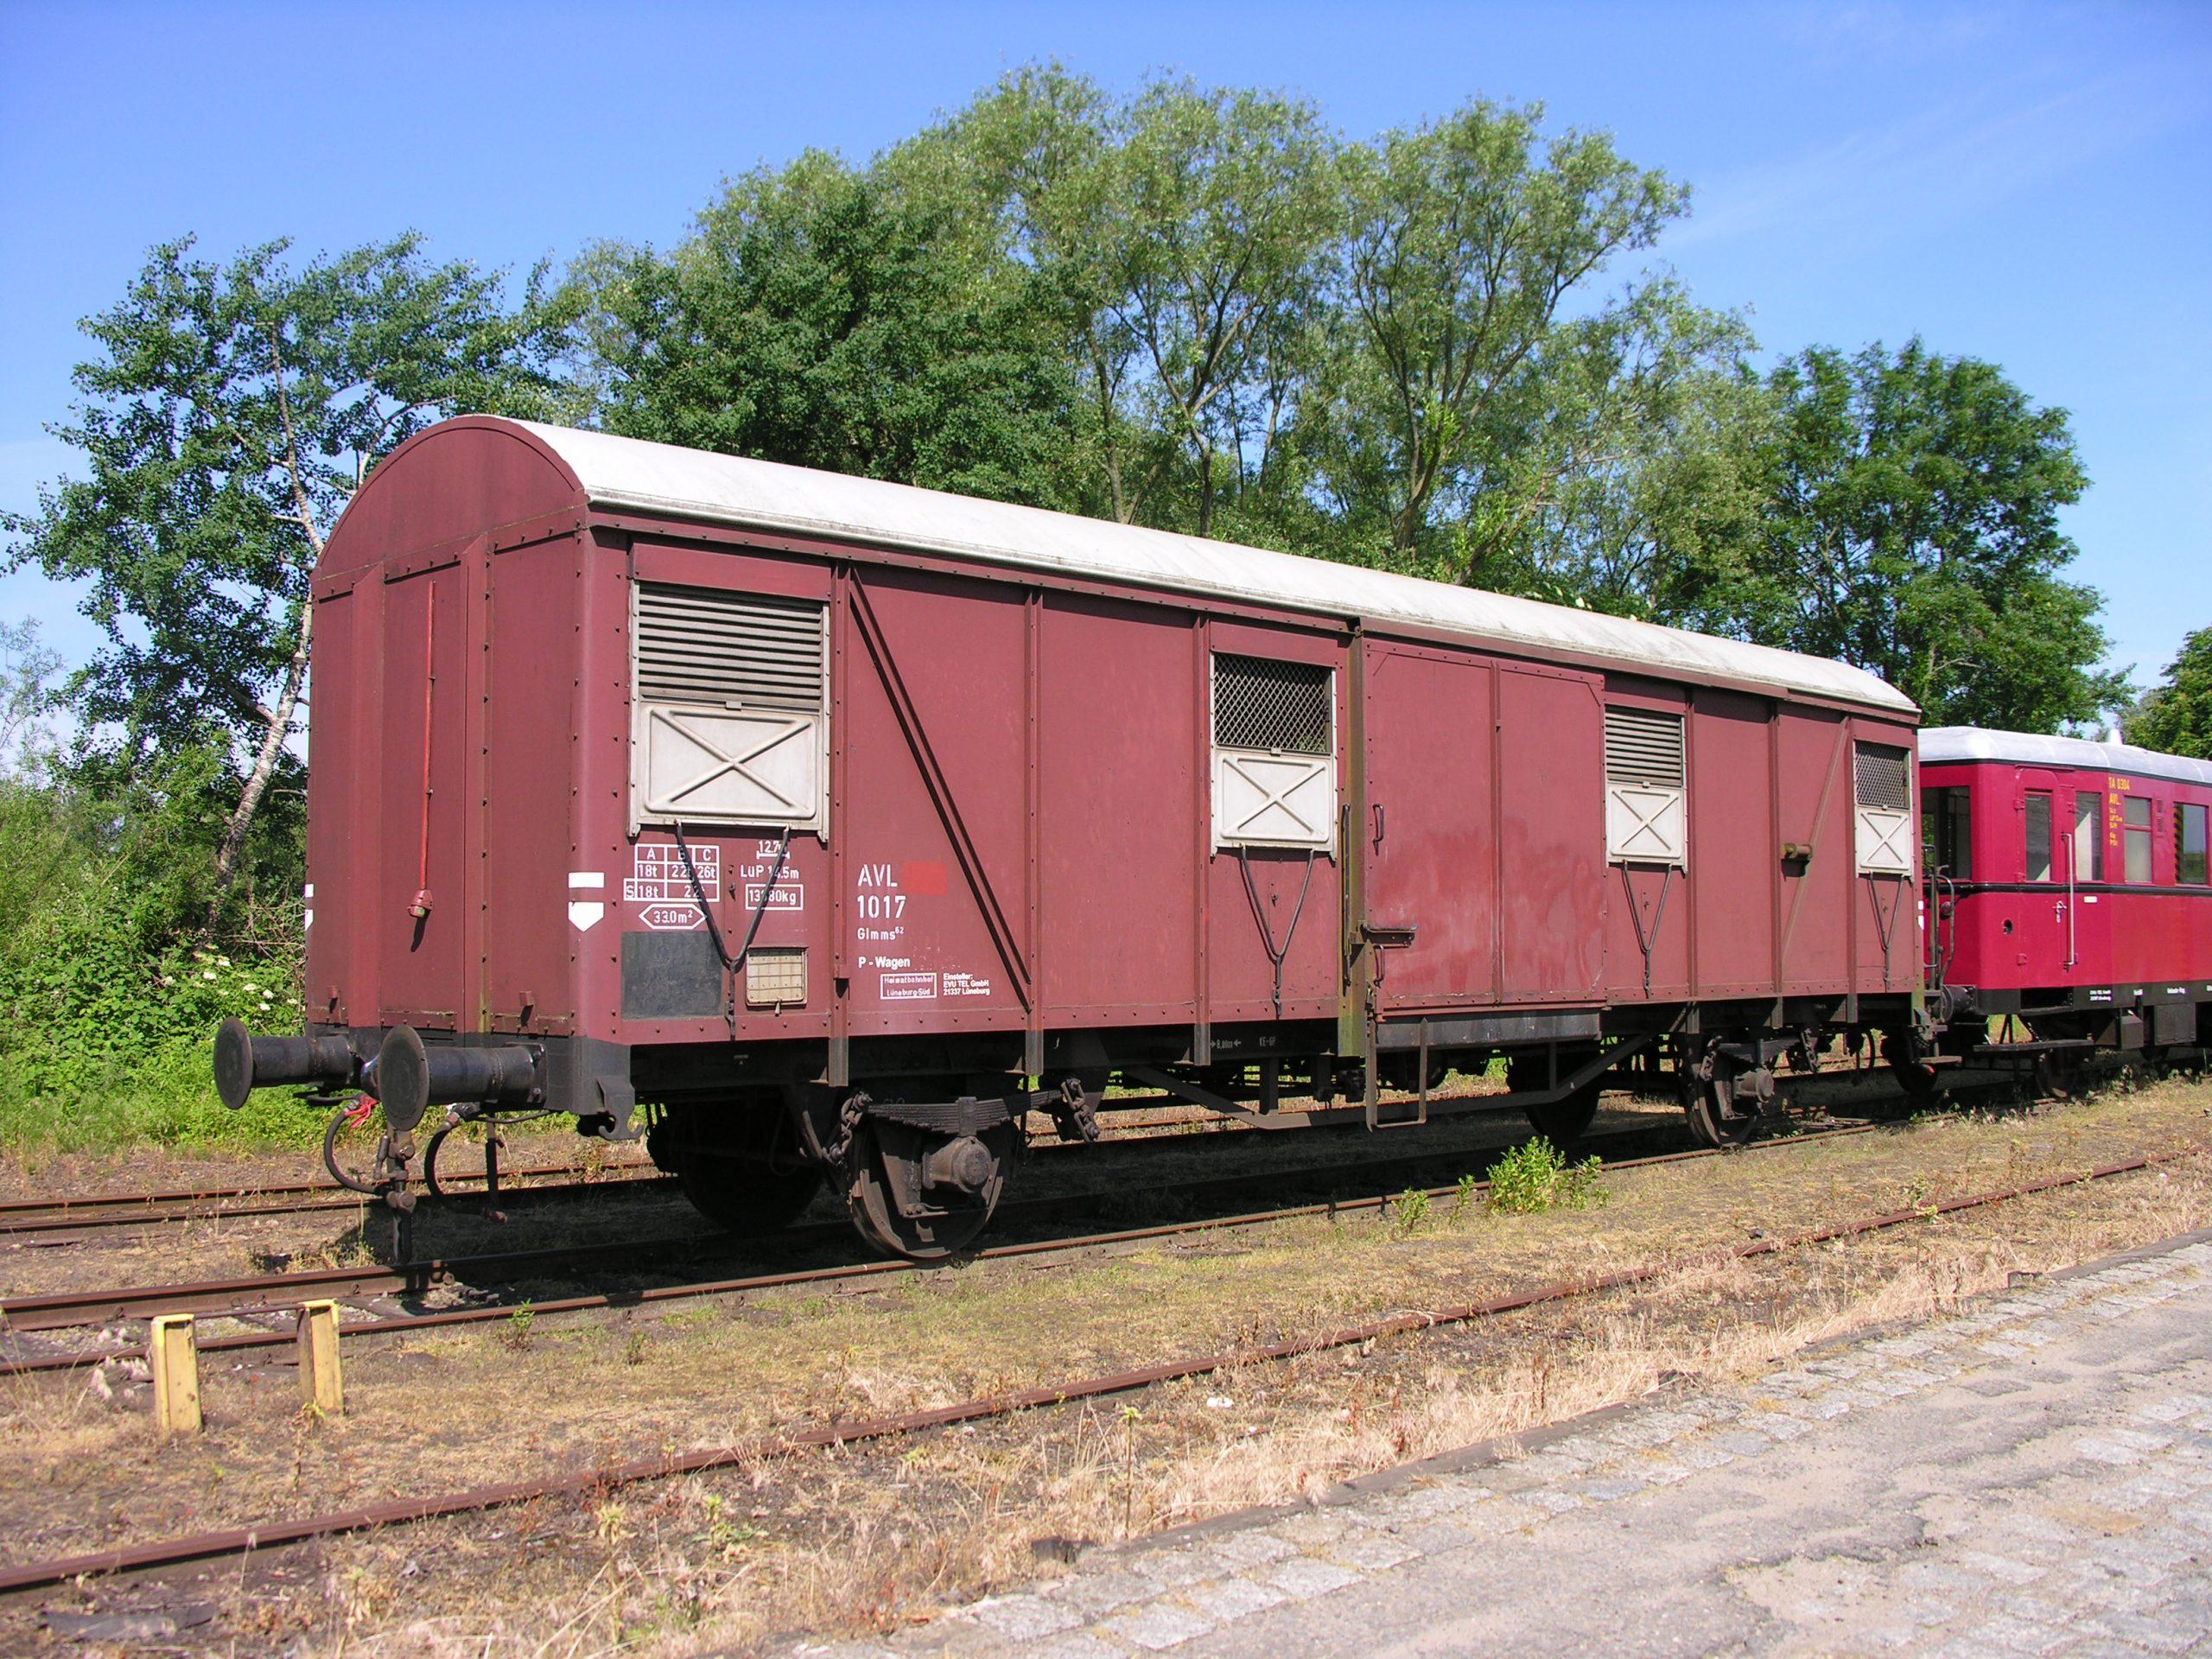 Güterwagen 1017